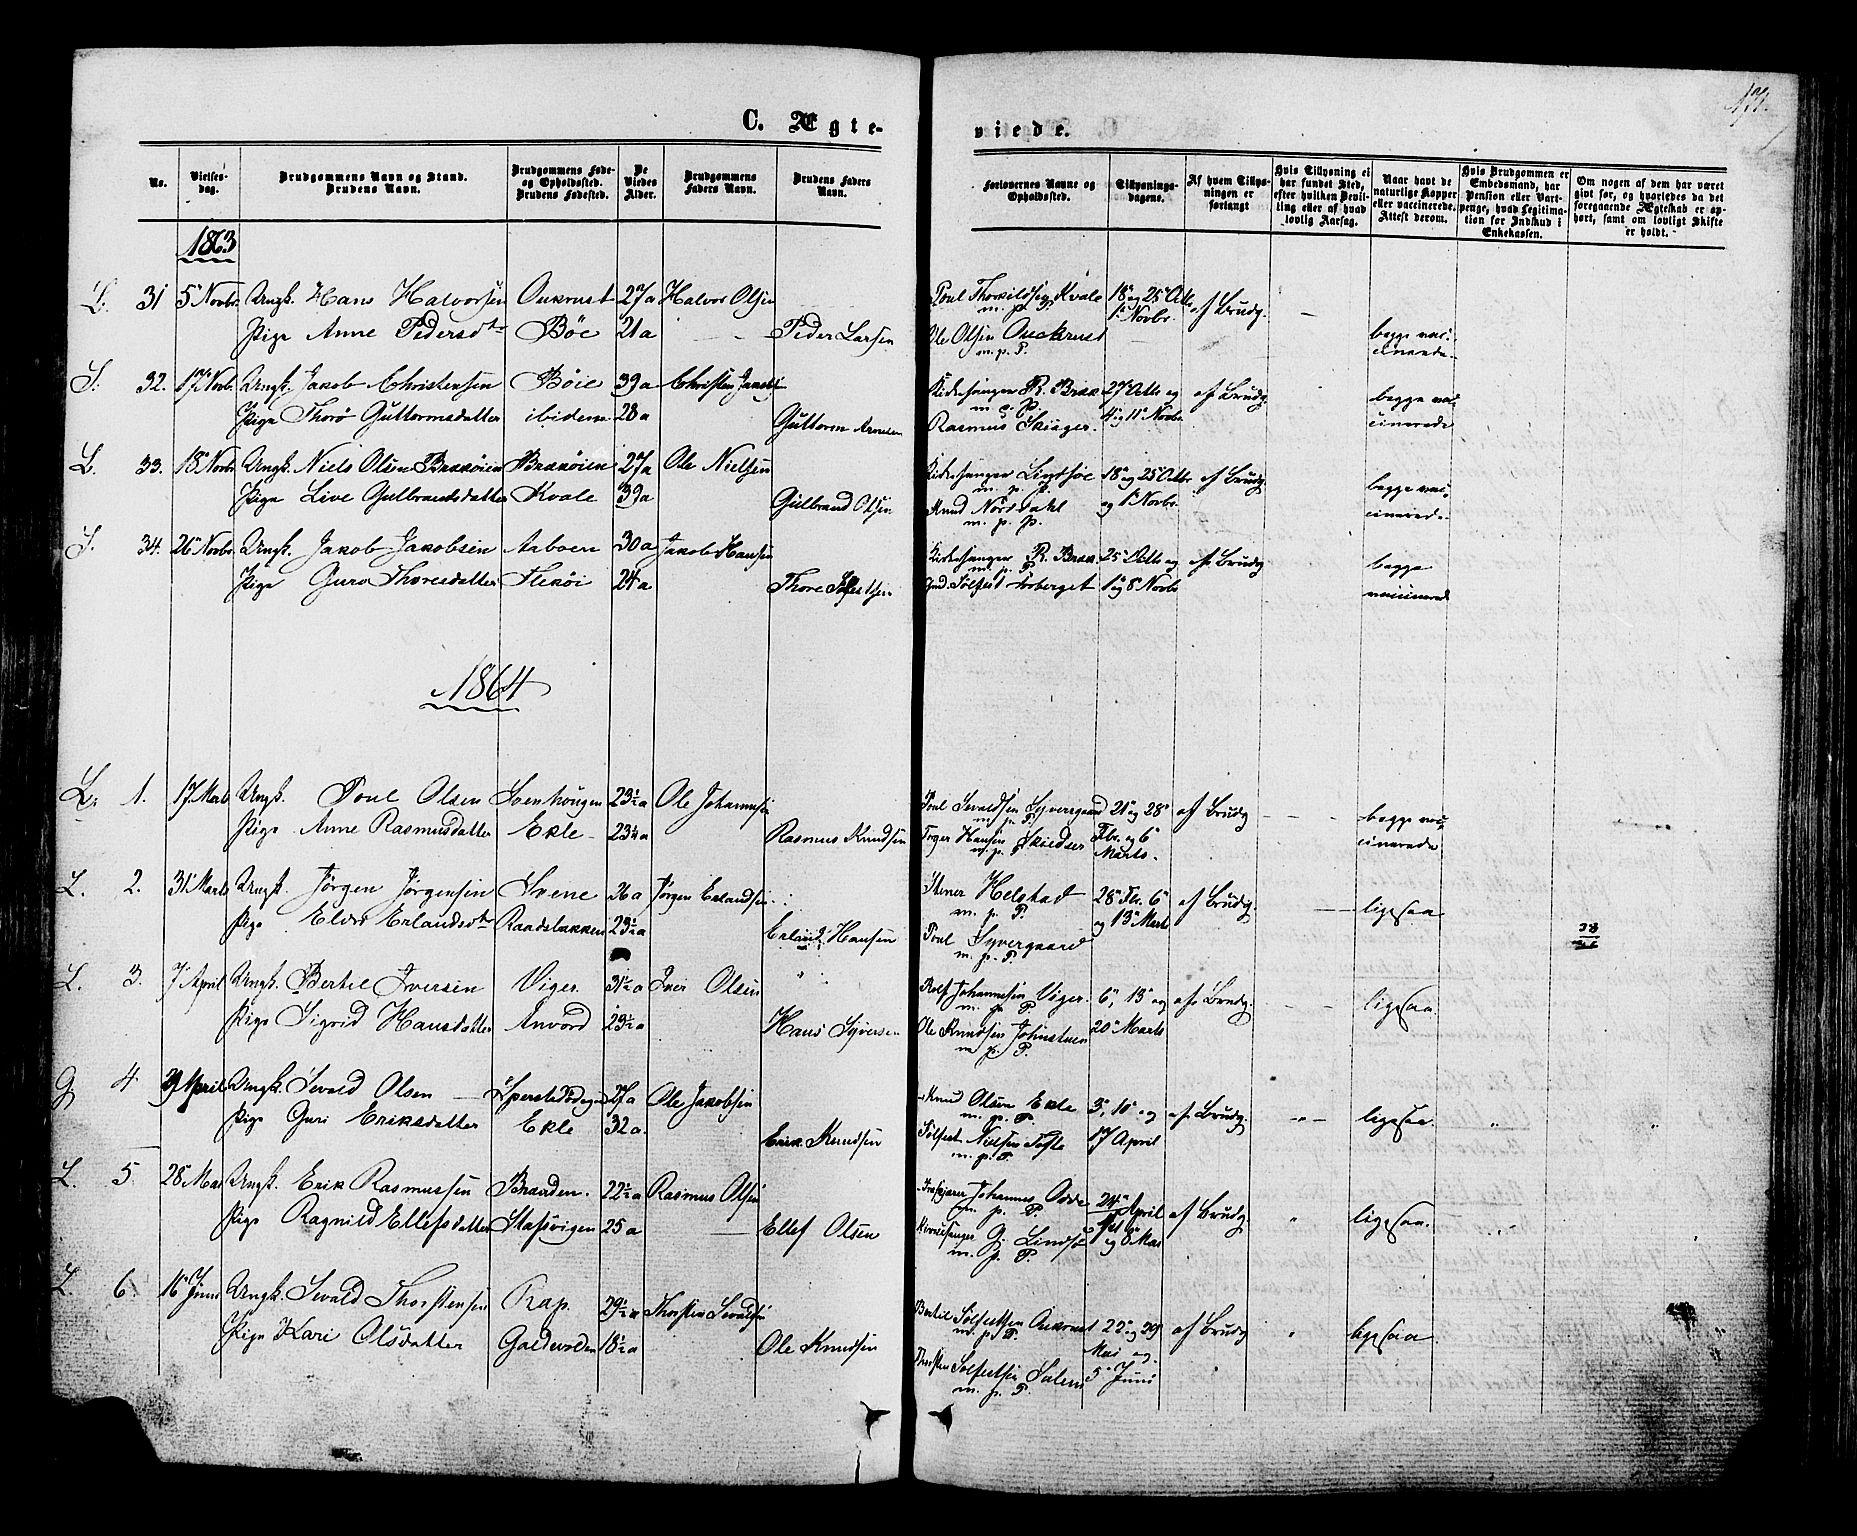 SAH, Lom prestekontor, K/L0007: Ministerialbok nr. 7, 1863-1884, s. 171